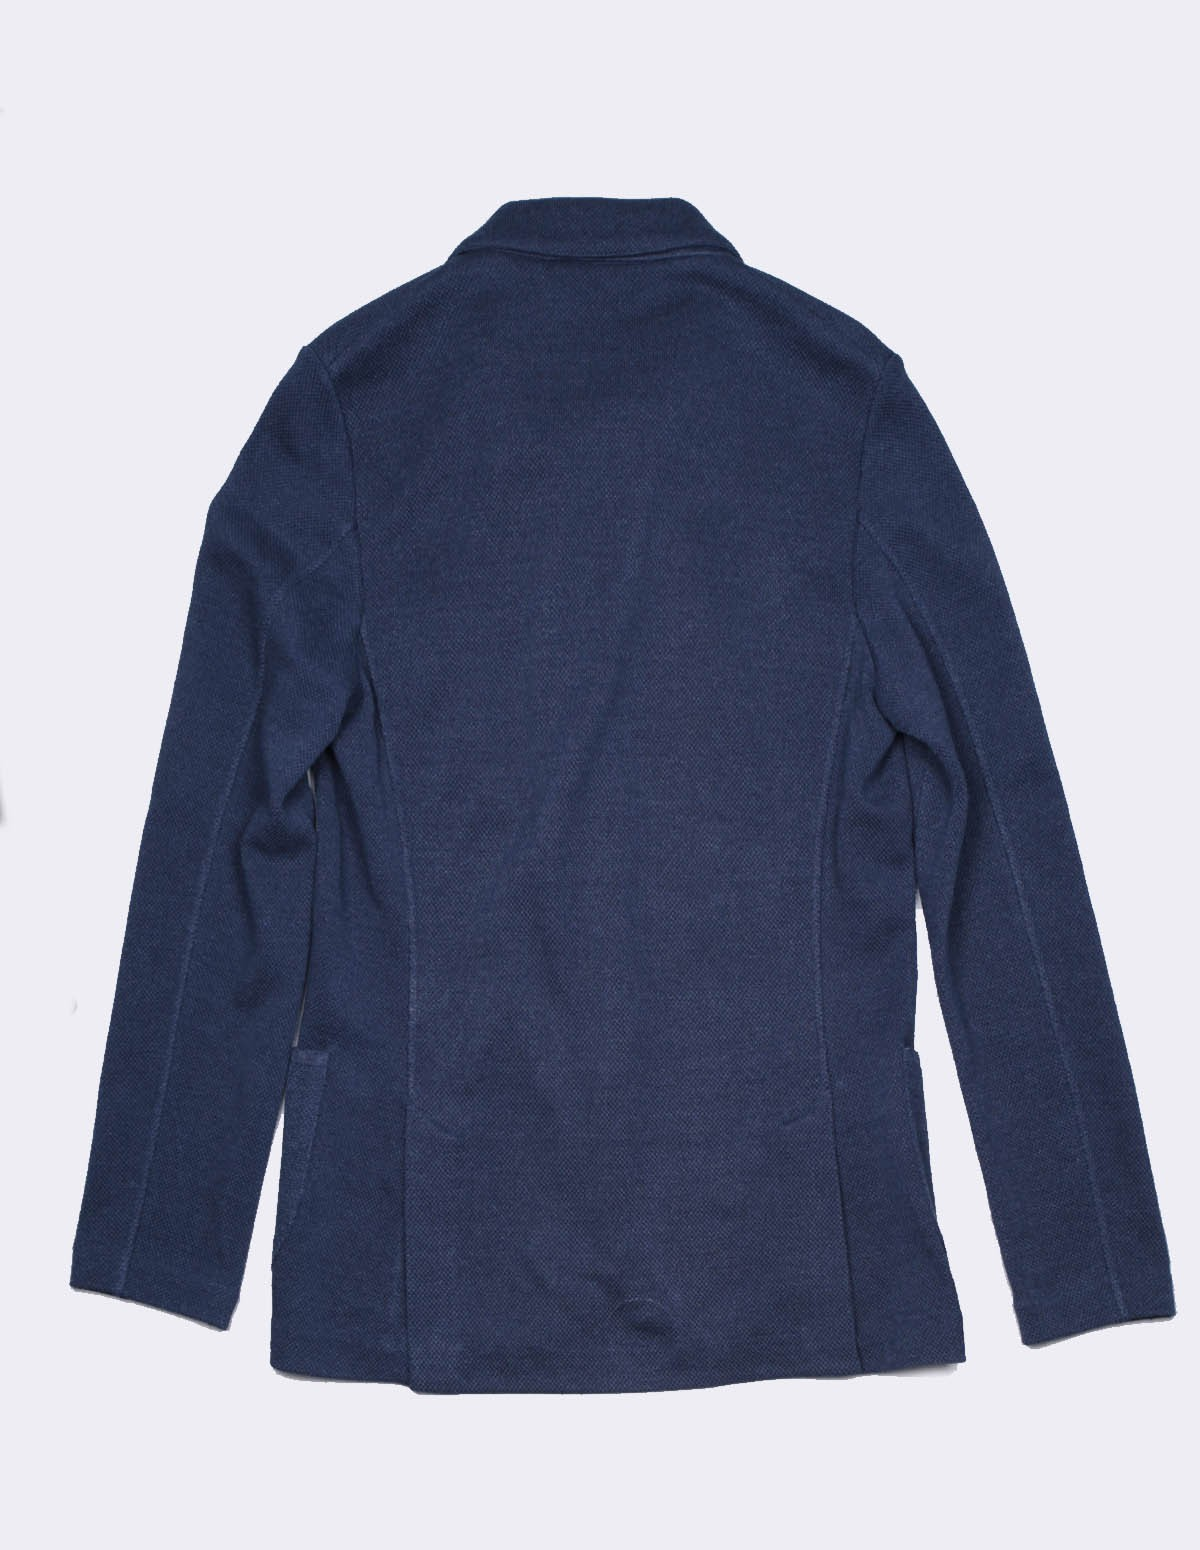 Ft 57156/18613 Travel Jacket